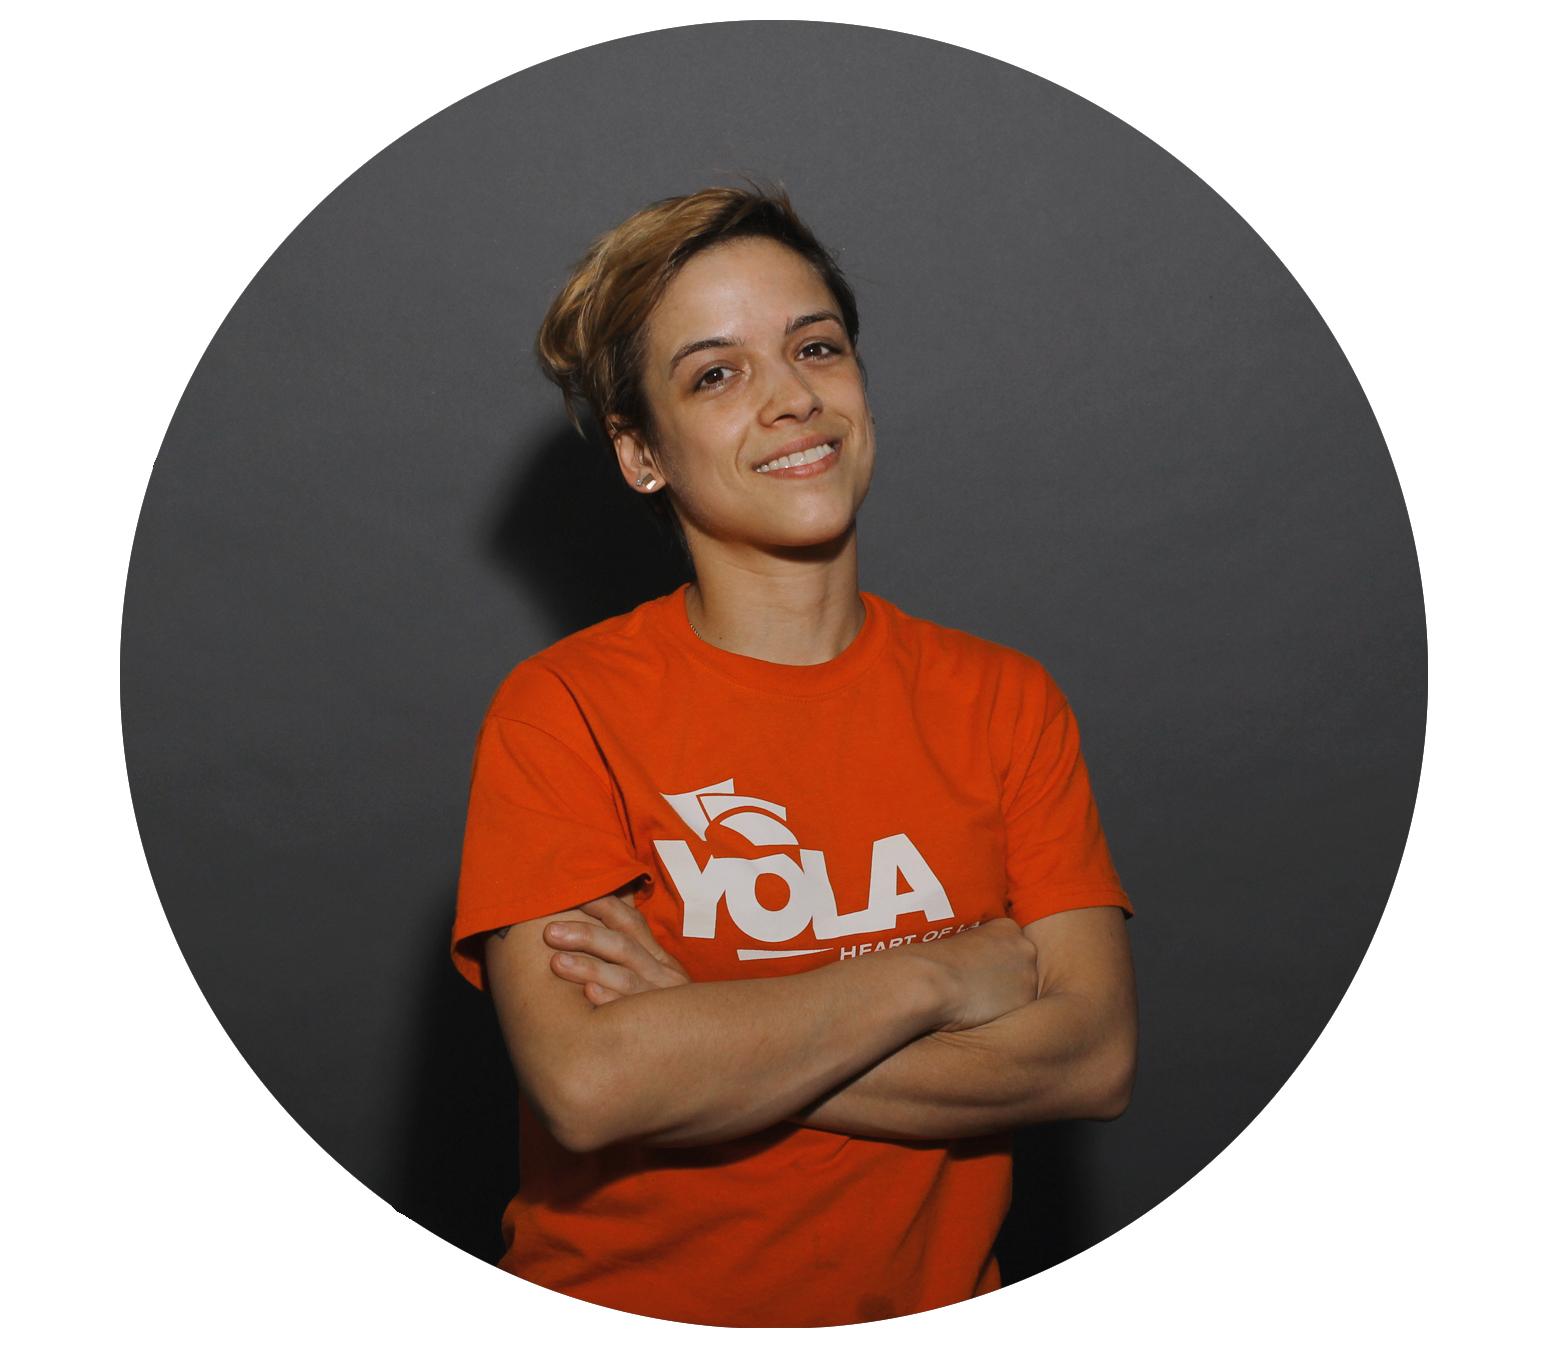 DOROTHY VALENCIA - YOLA at HOLA Music Instructor